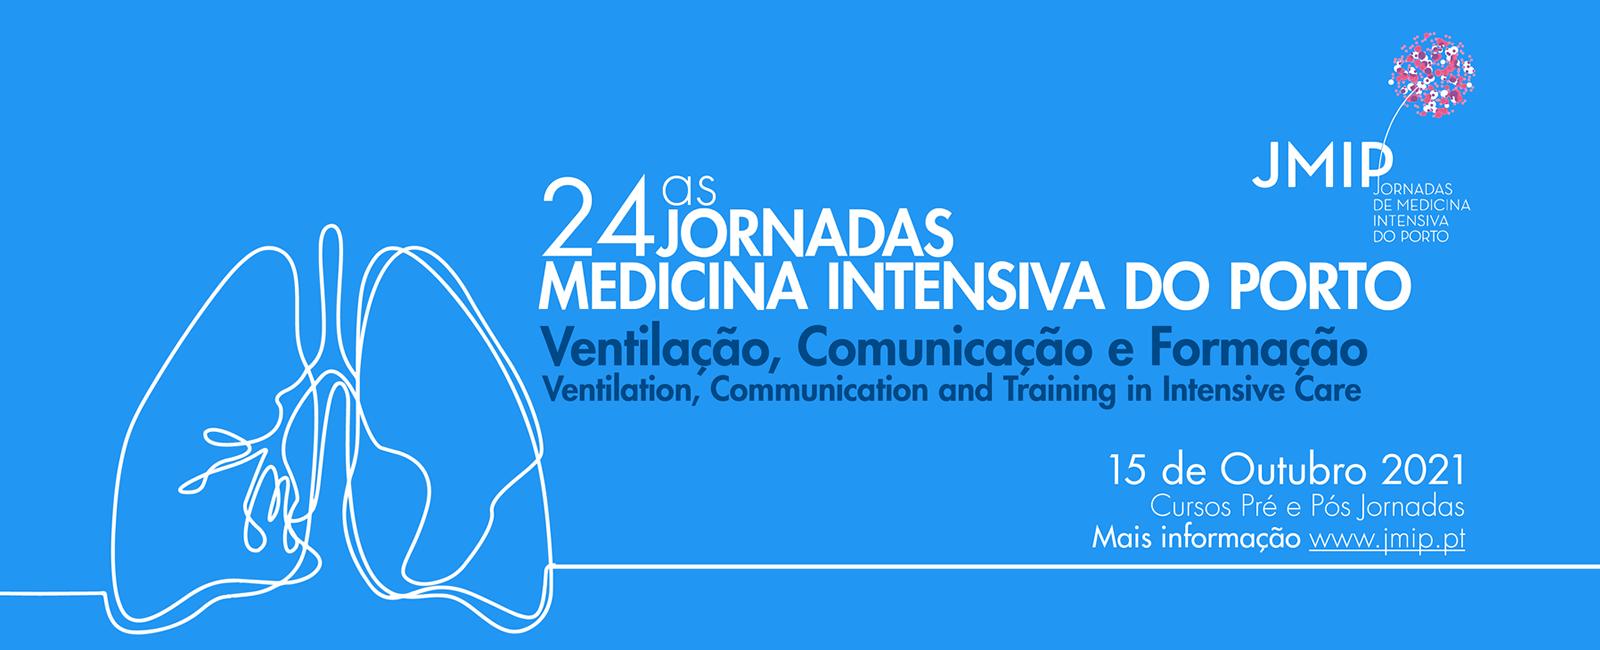 24as Jornadas de Medicina Intensiva do Porto